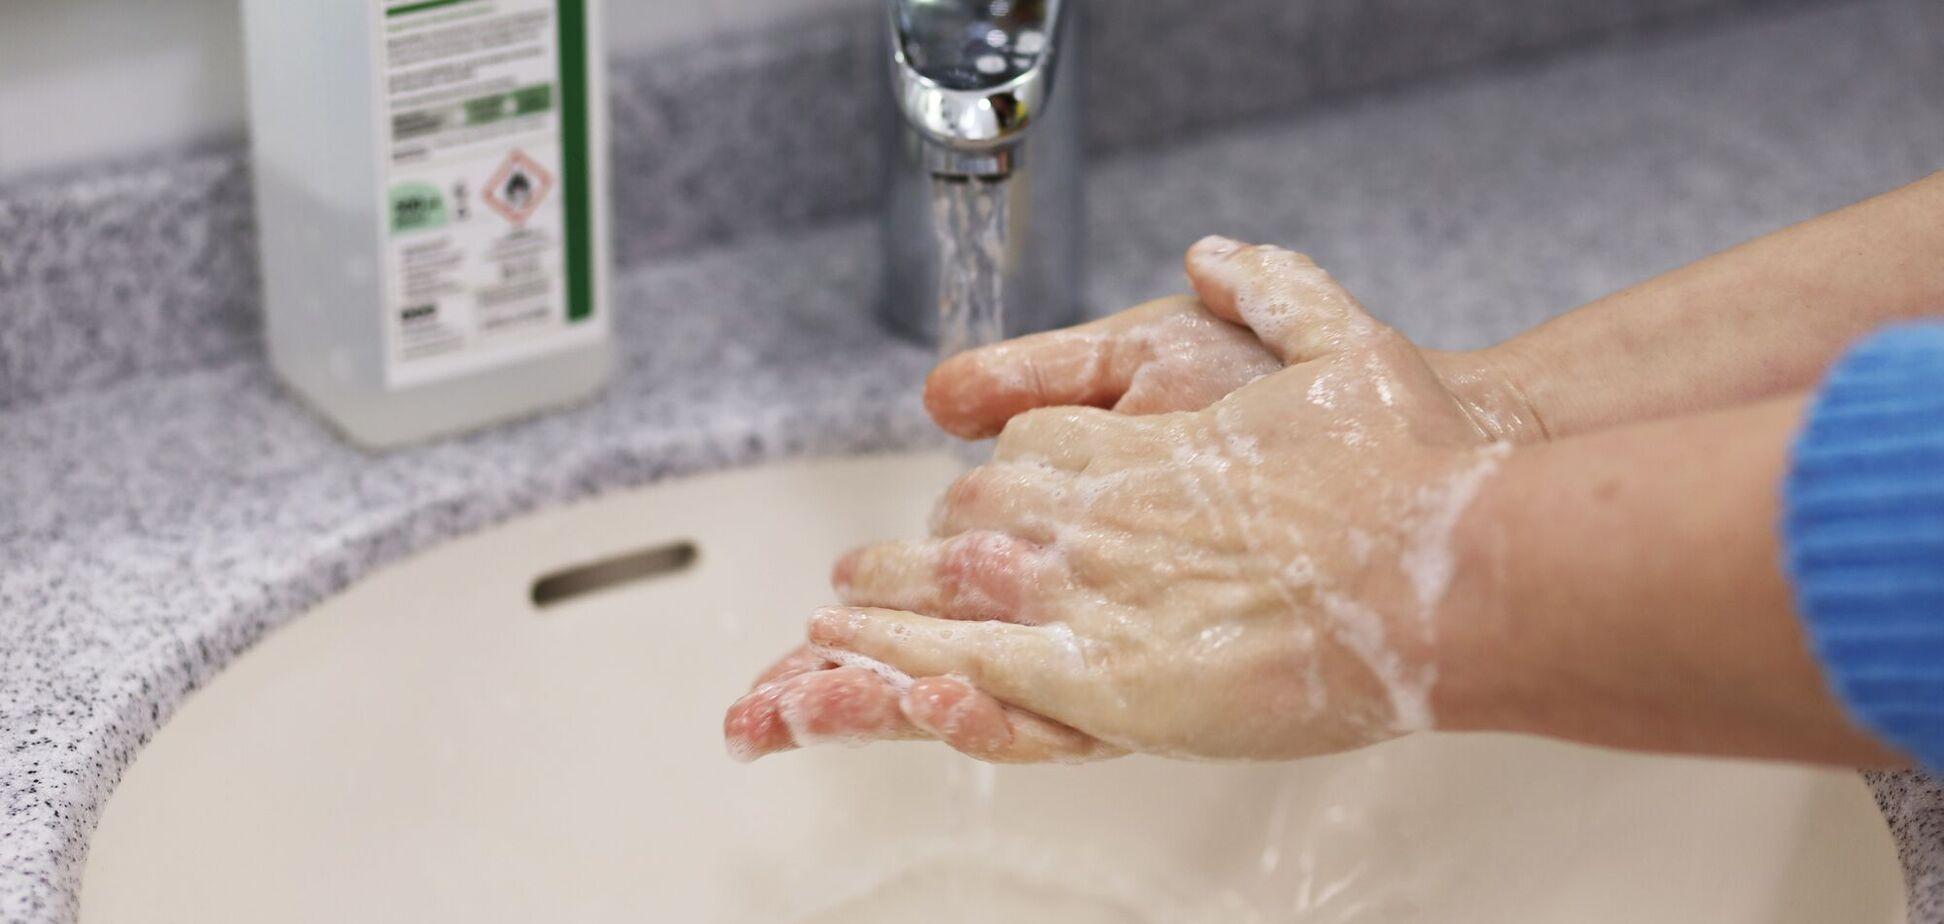 Всемирный день мытья рук отмечается с 2008 года